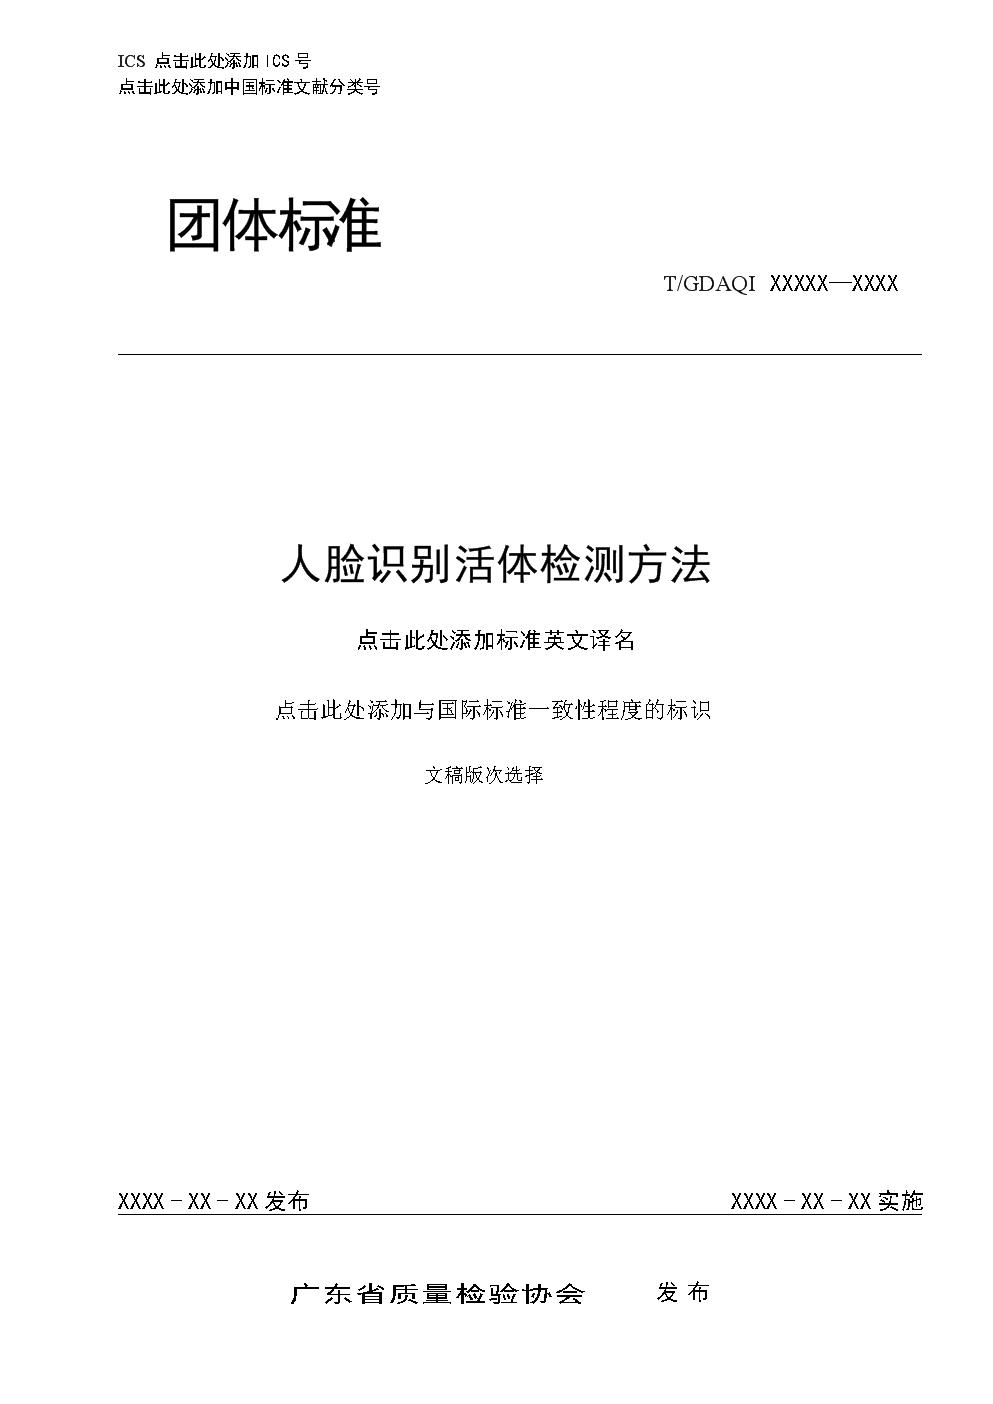 人脸识别活体检测方法.doc